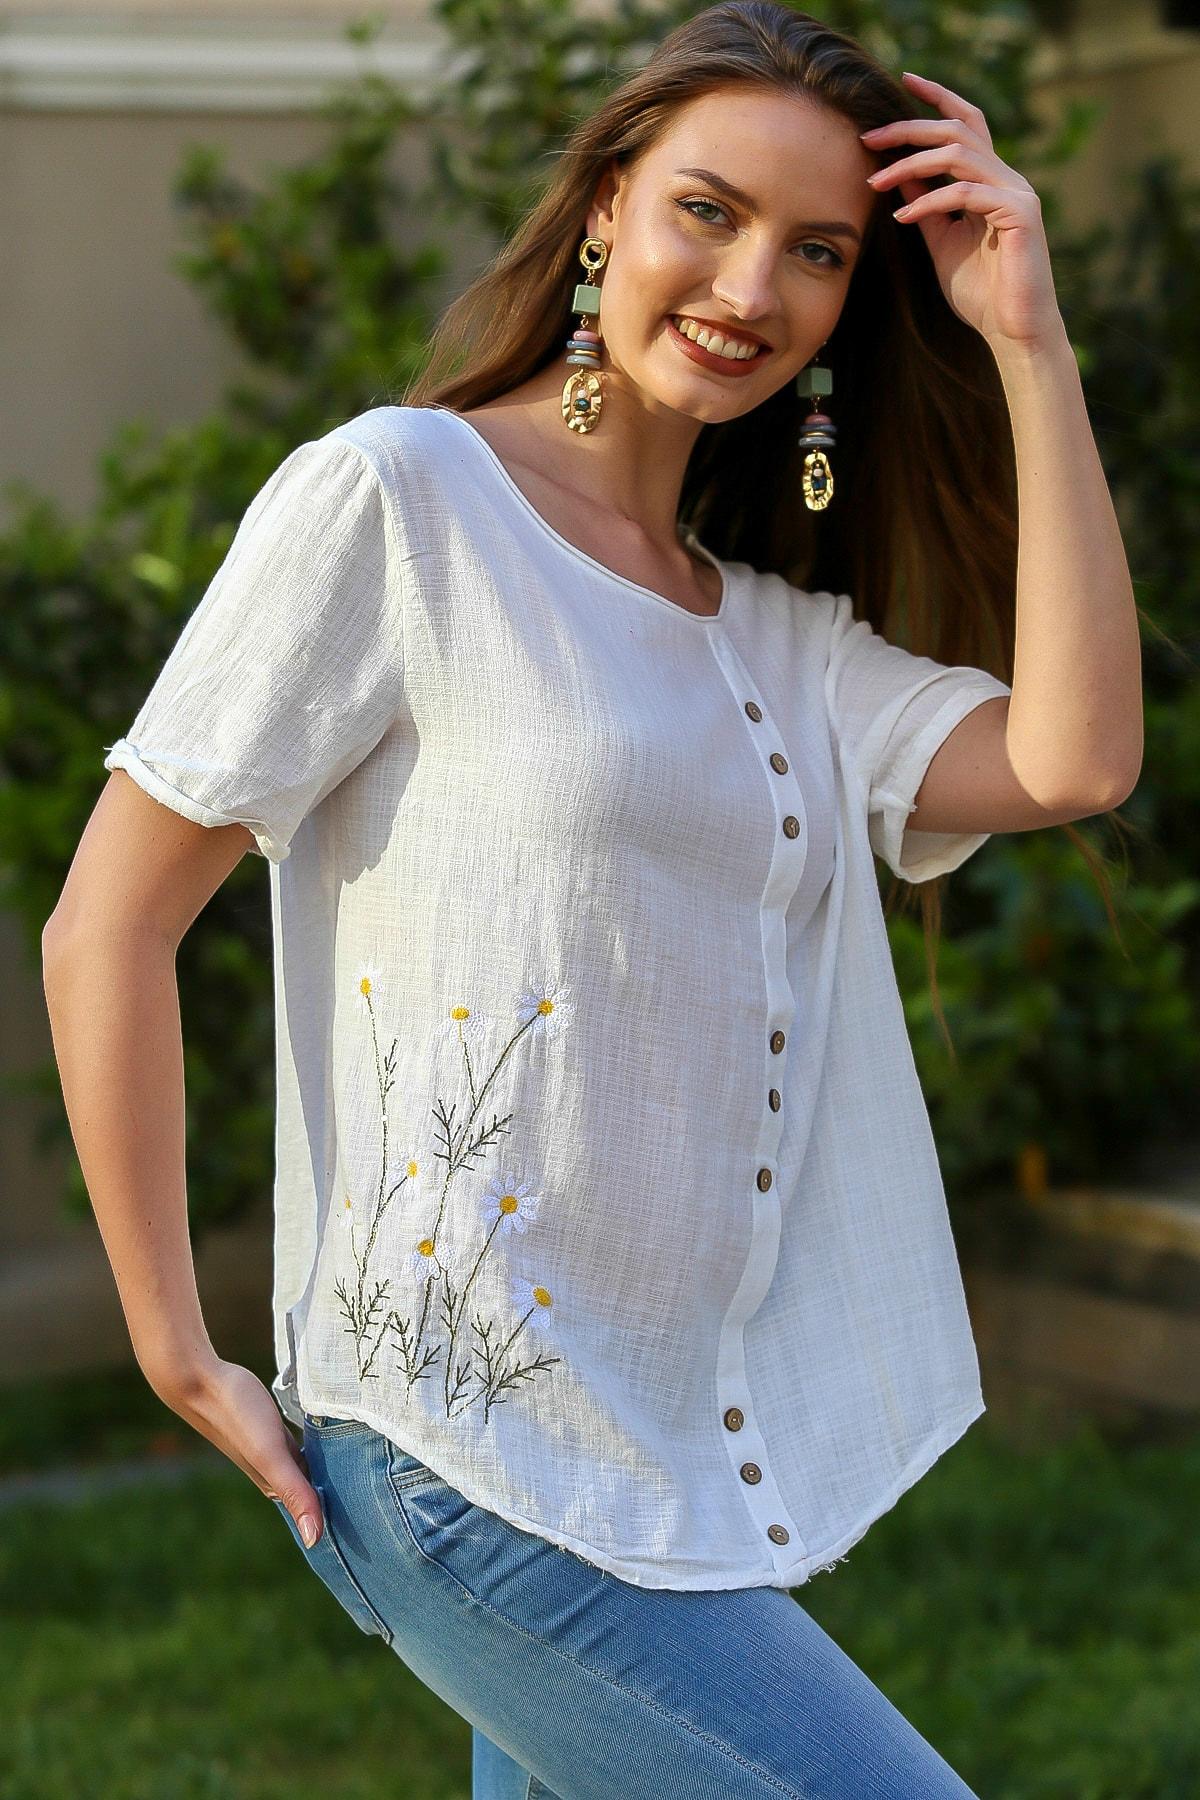 Kadın Beyaz Papatya Pul Nakışlı Düğme Detaylı Salaş Dokuma Bluz M10010200BL95274